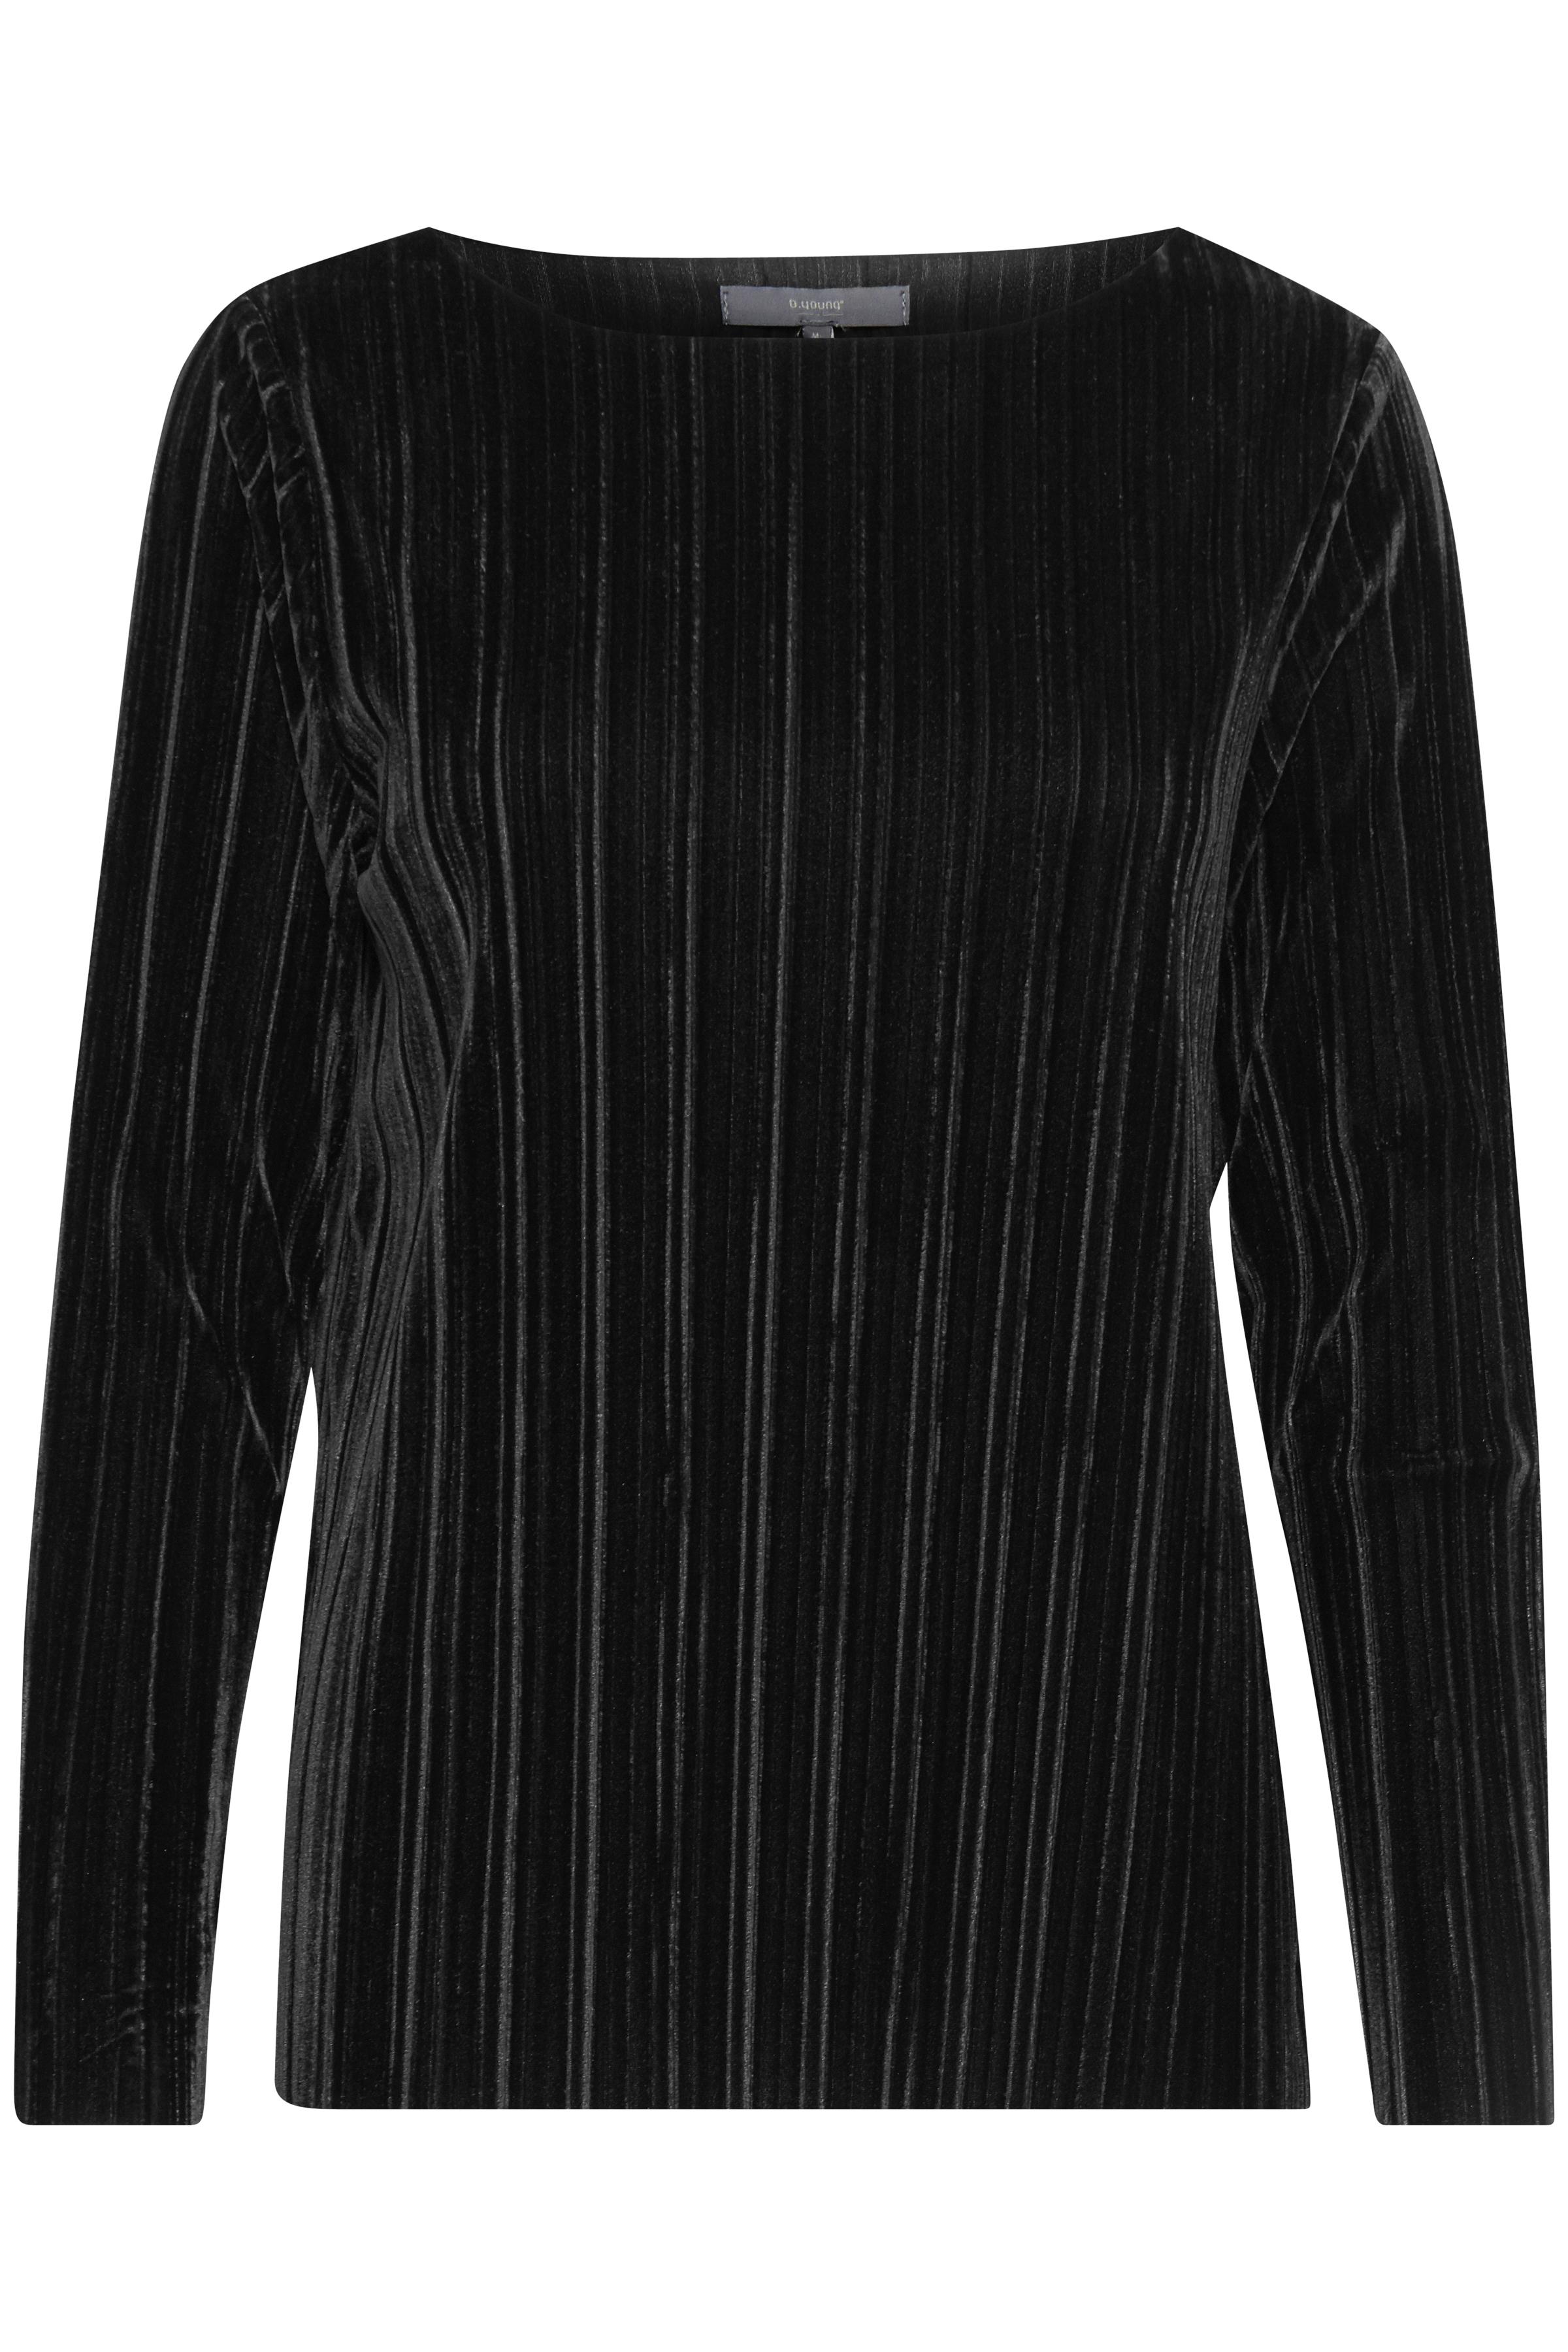 Black Långärmed T-shirt från b.young – Köp Black Långärmed T-shirt från storlek S-XXL här